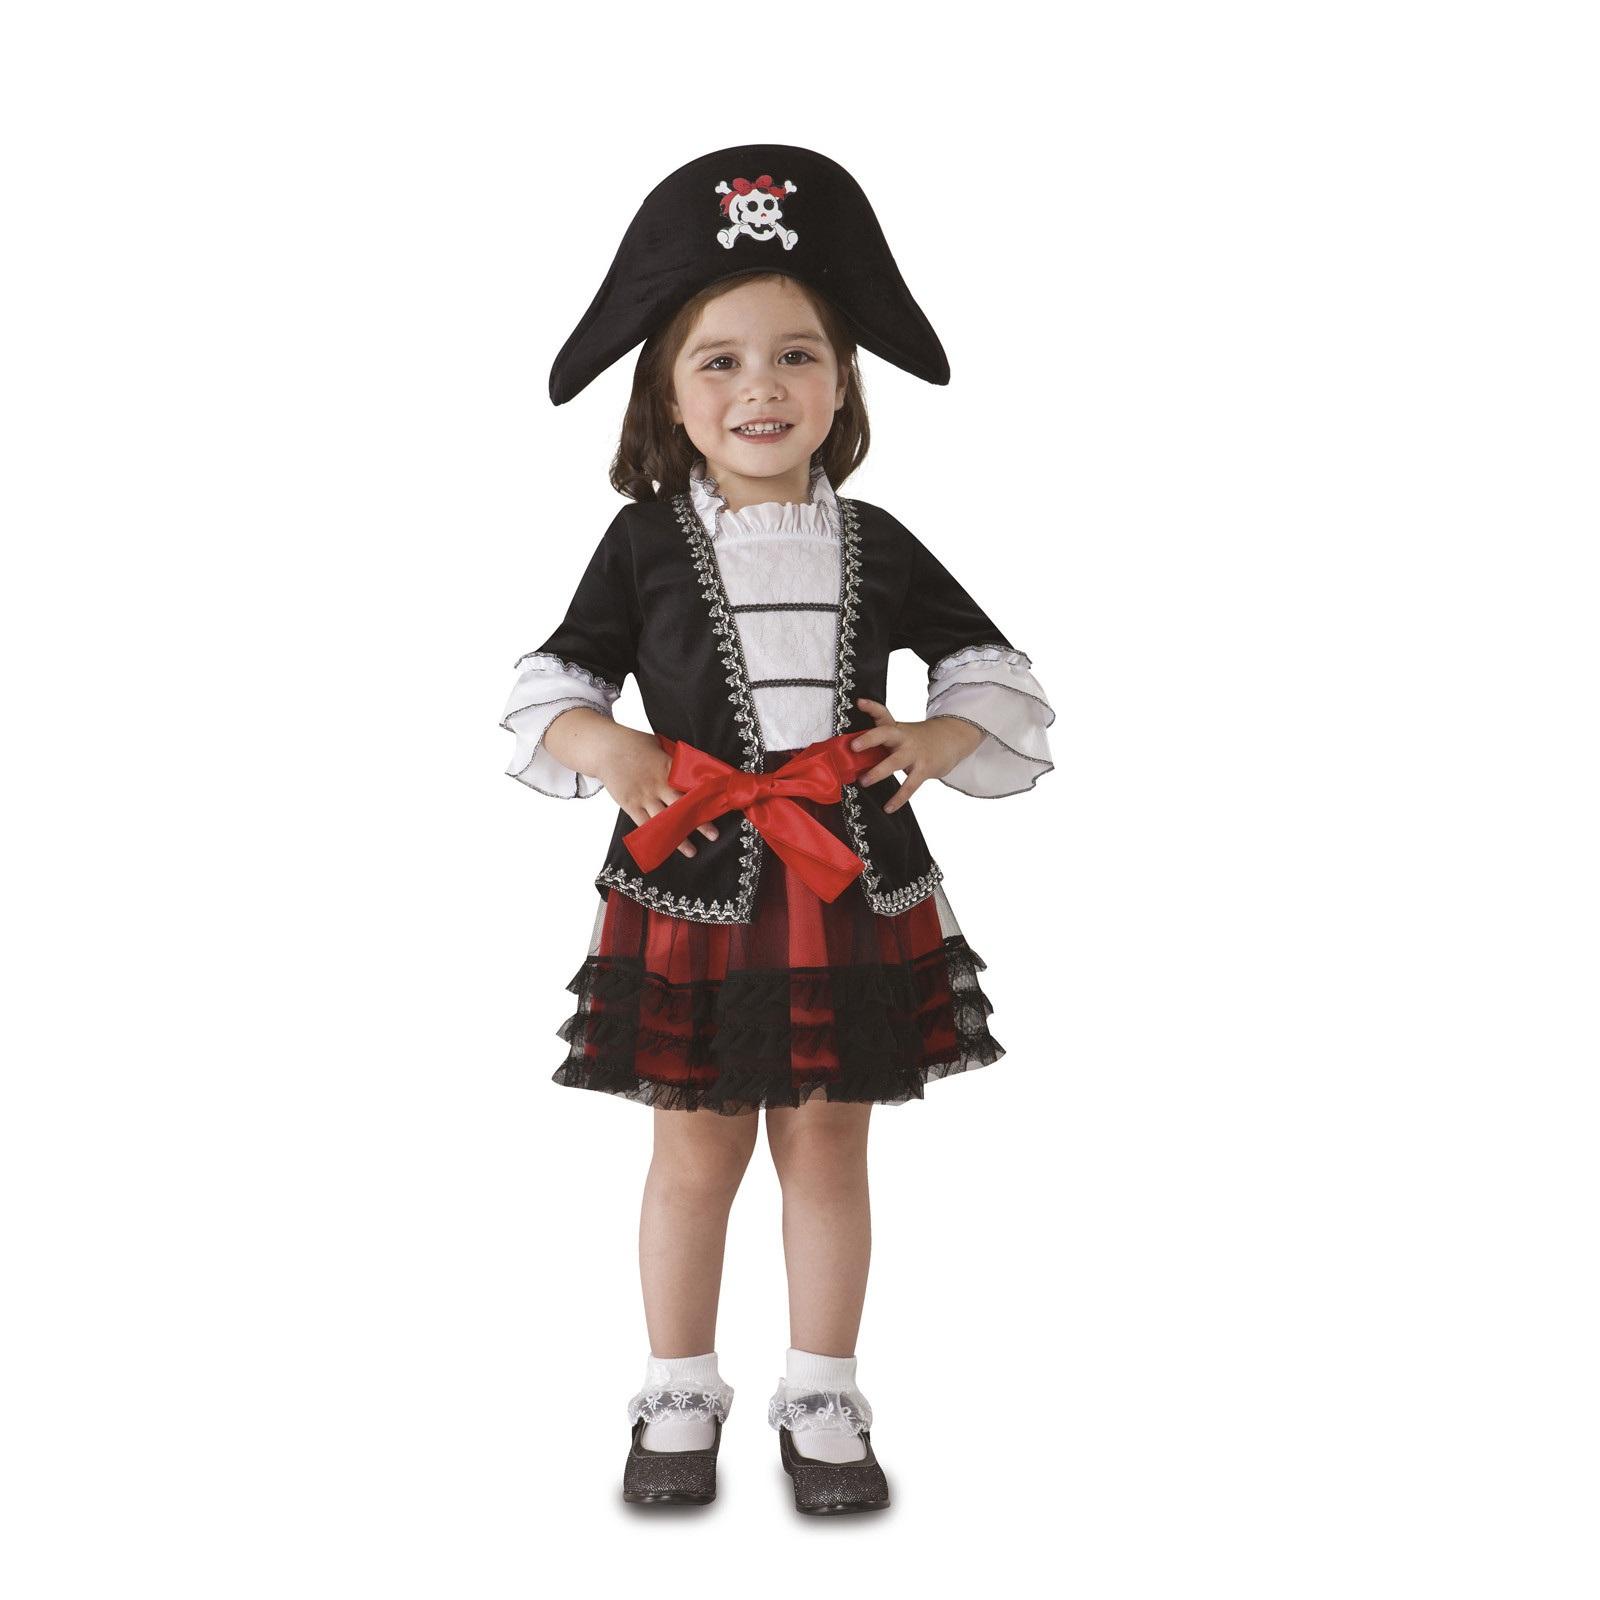 disfraz pirata doncella niña 203656mom - DISFRAZ DE PIRATA DONCELLA NIÑA